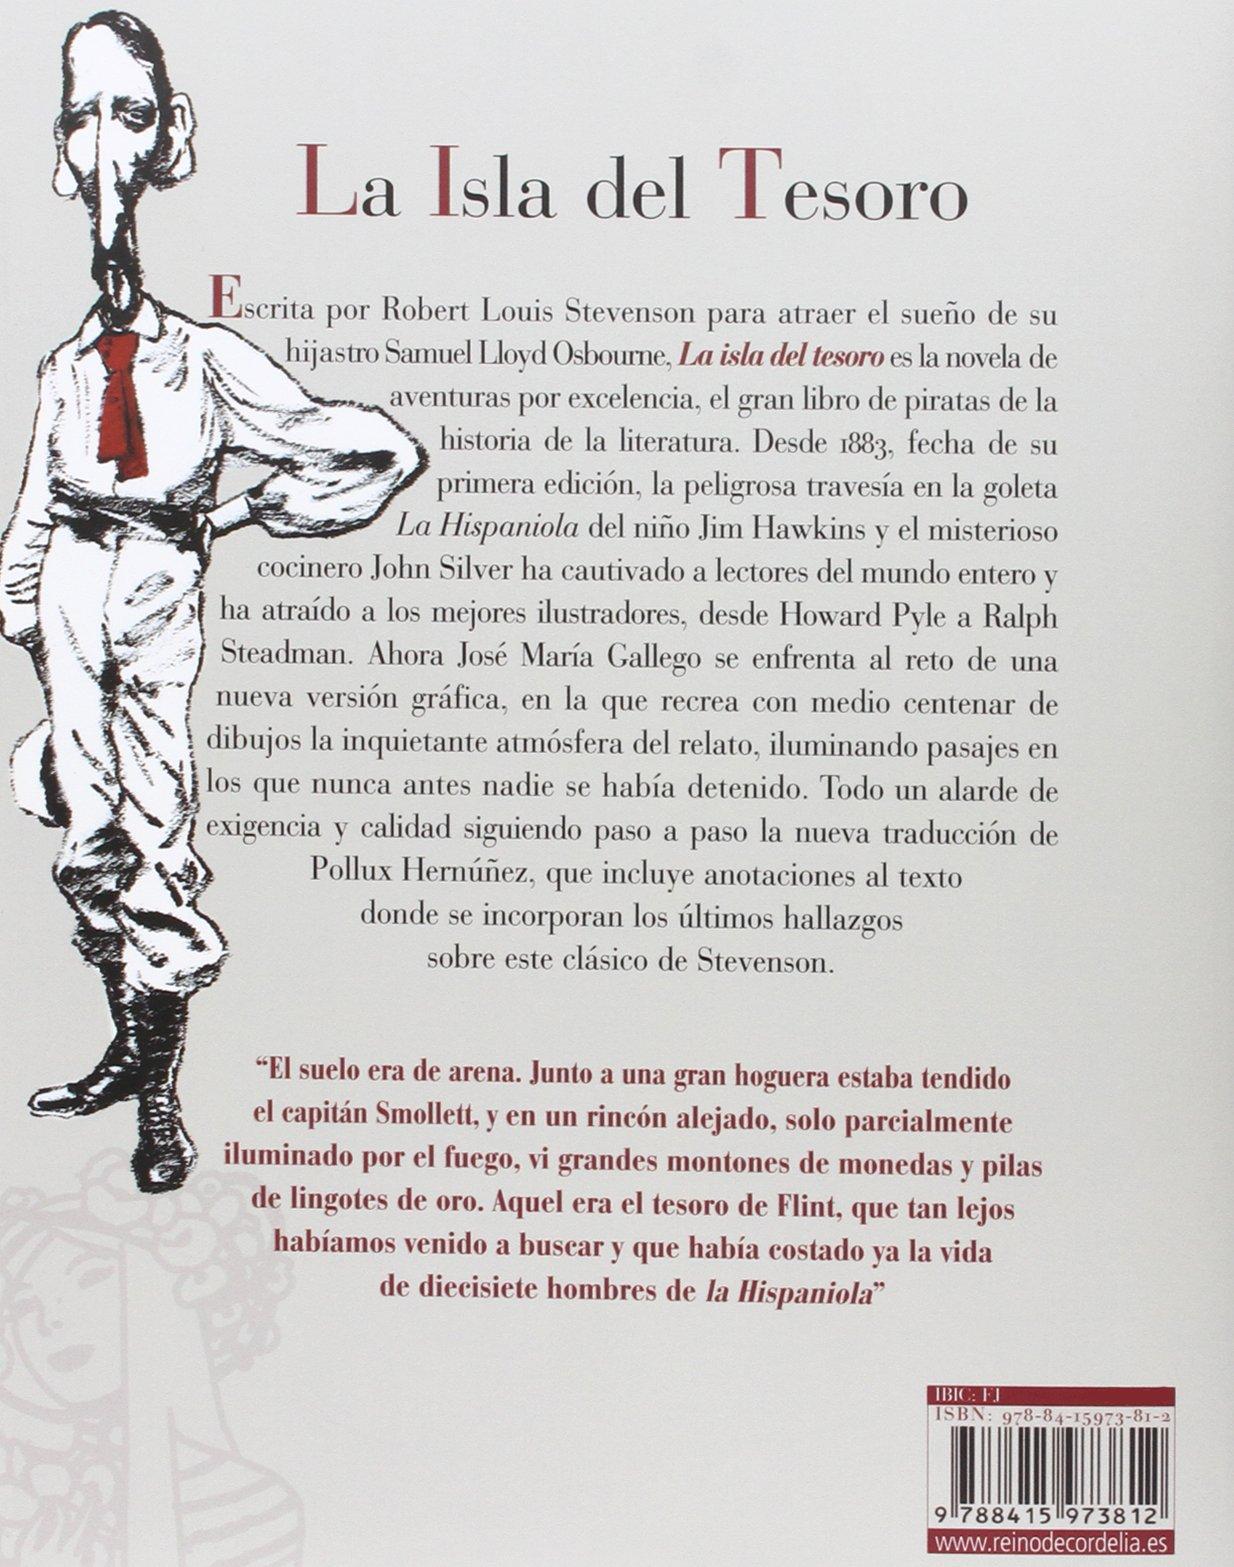 La isla del tesoro (Literatura Reino de Cordelia): Amazon.es: Robert Louis  Stevenson, José María Gallego [López], Pollux Hernández Núñez: Libros